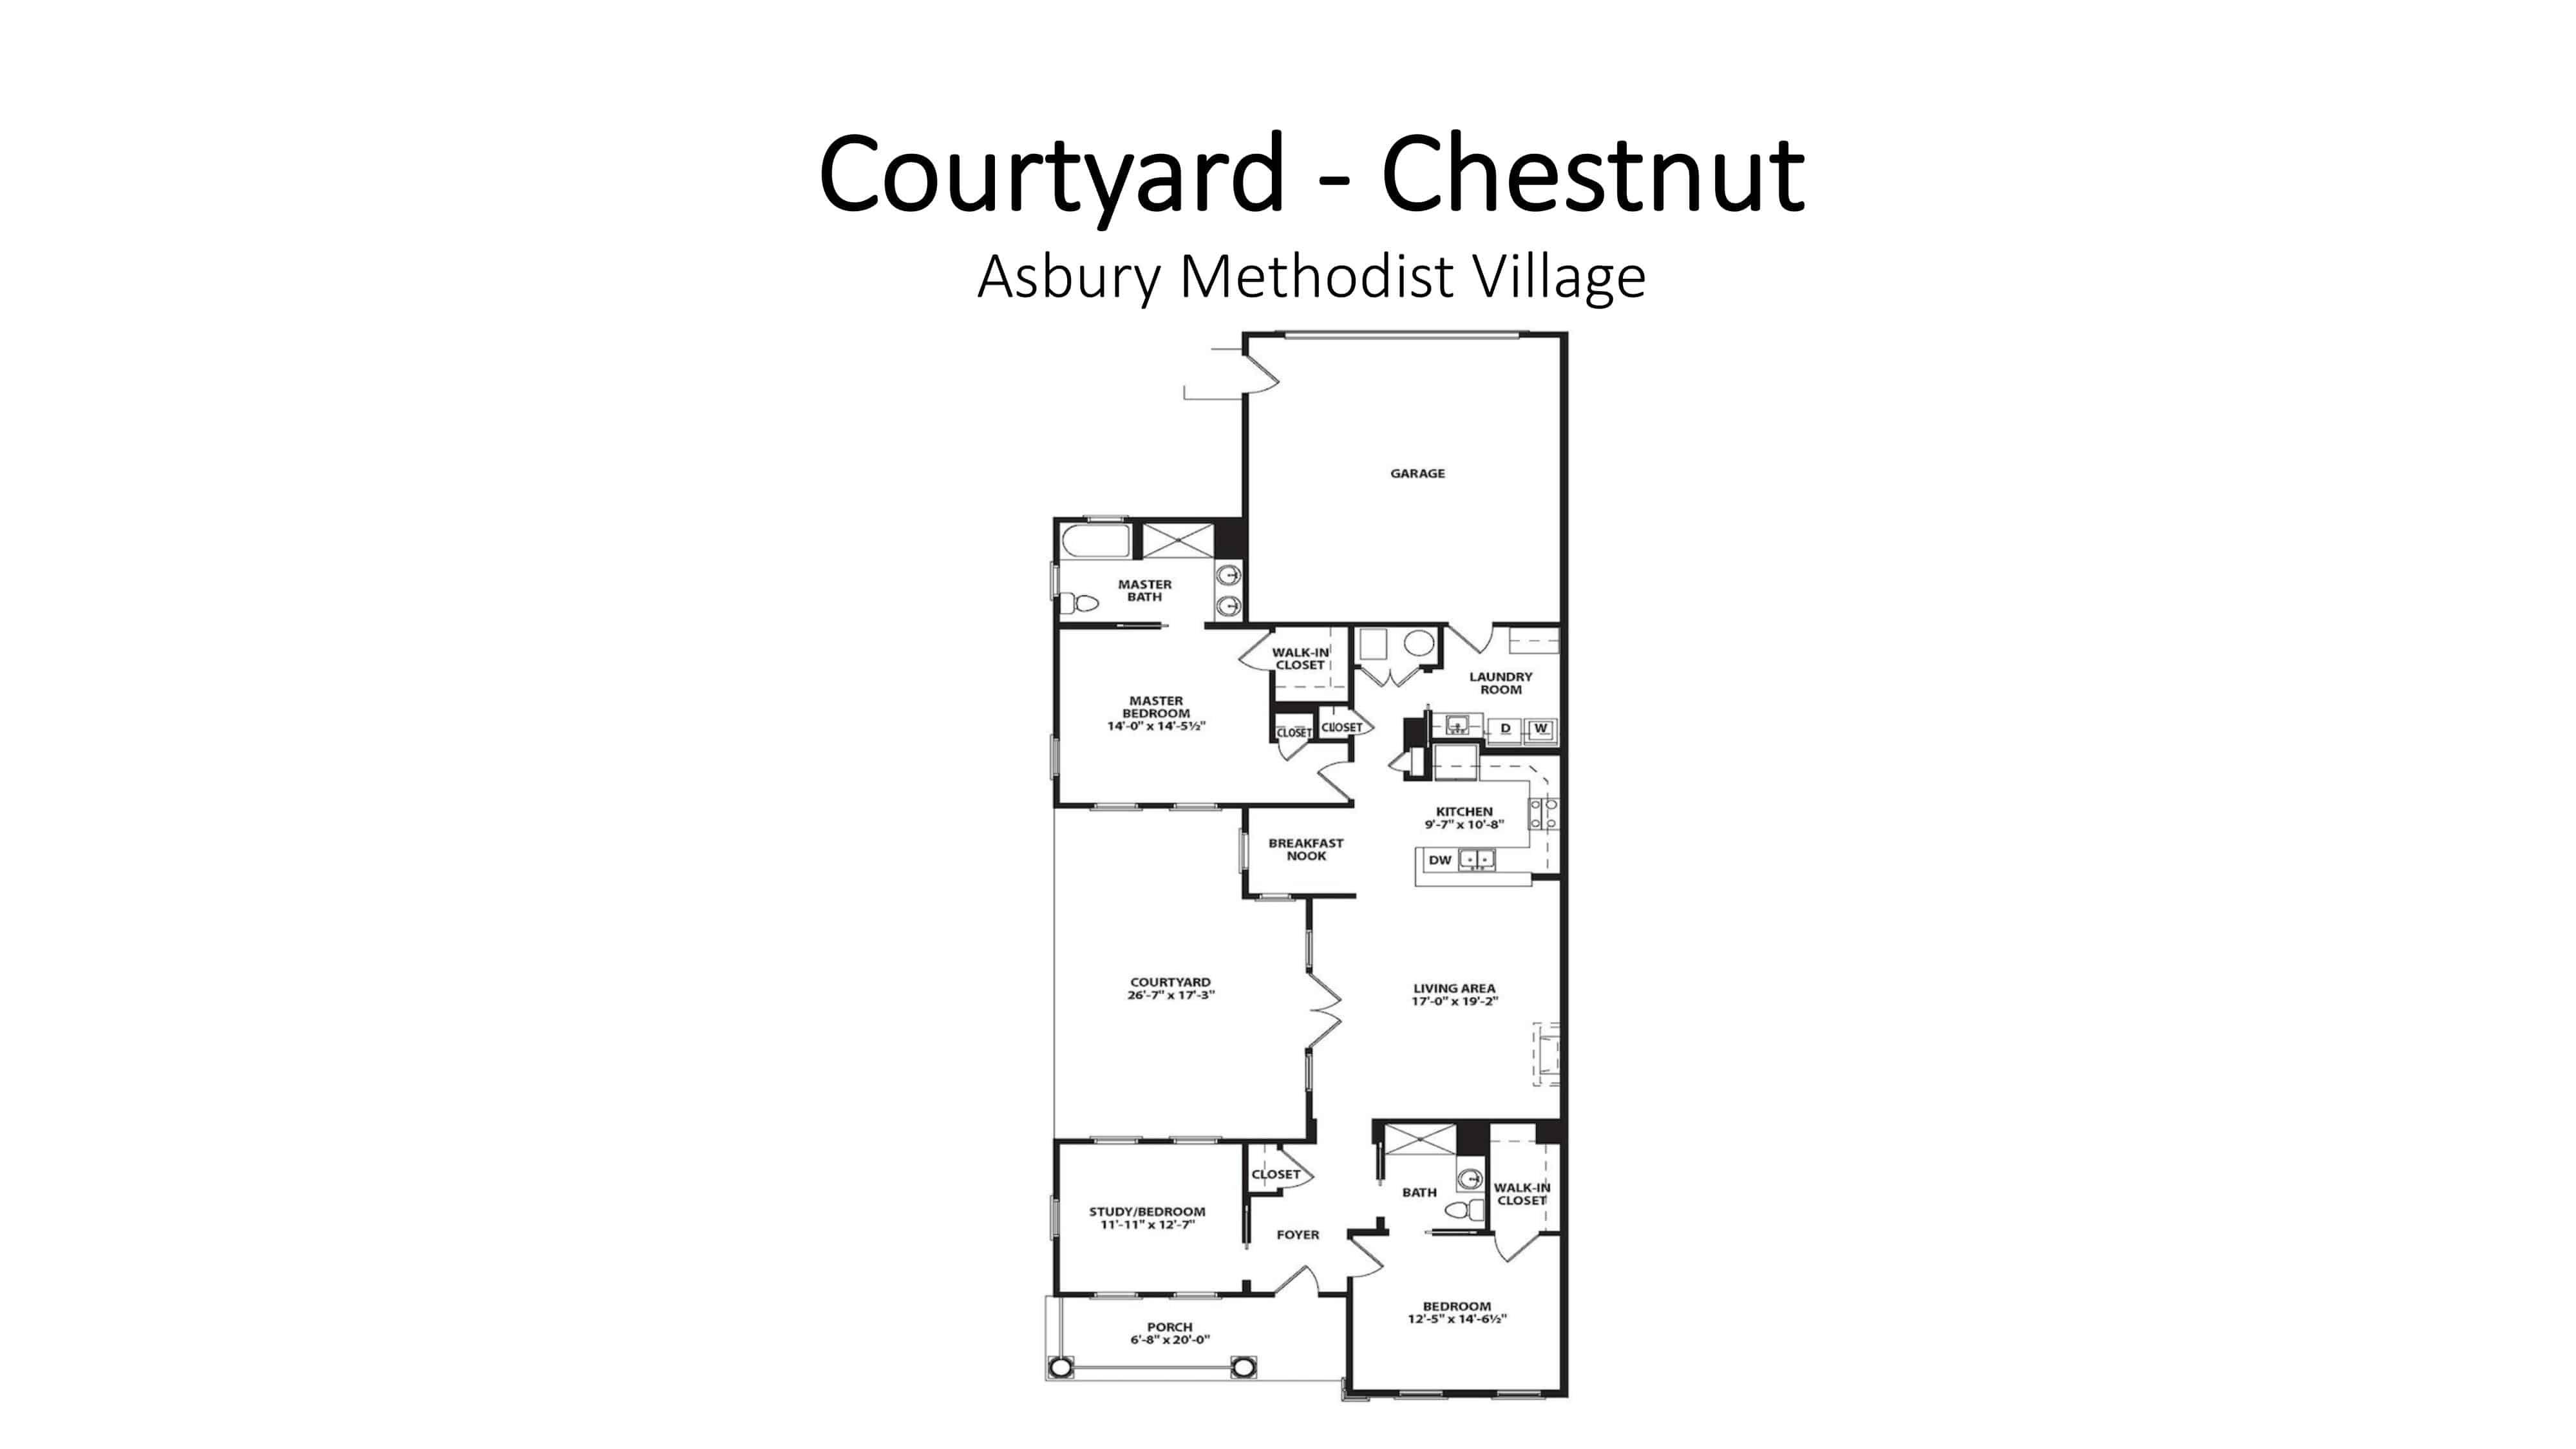 Asbury Methodist Village Courtyard - Chestnut